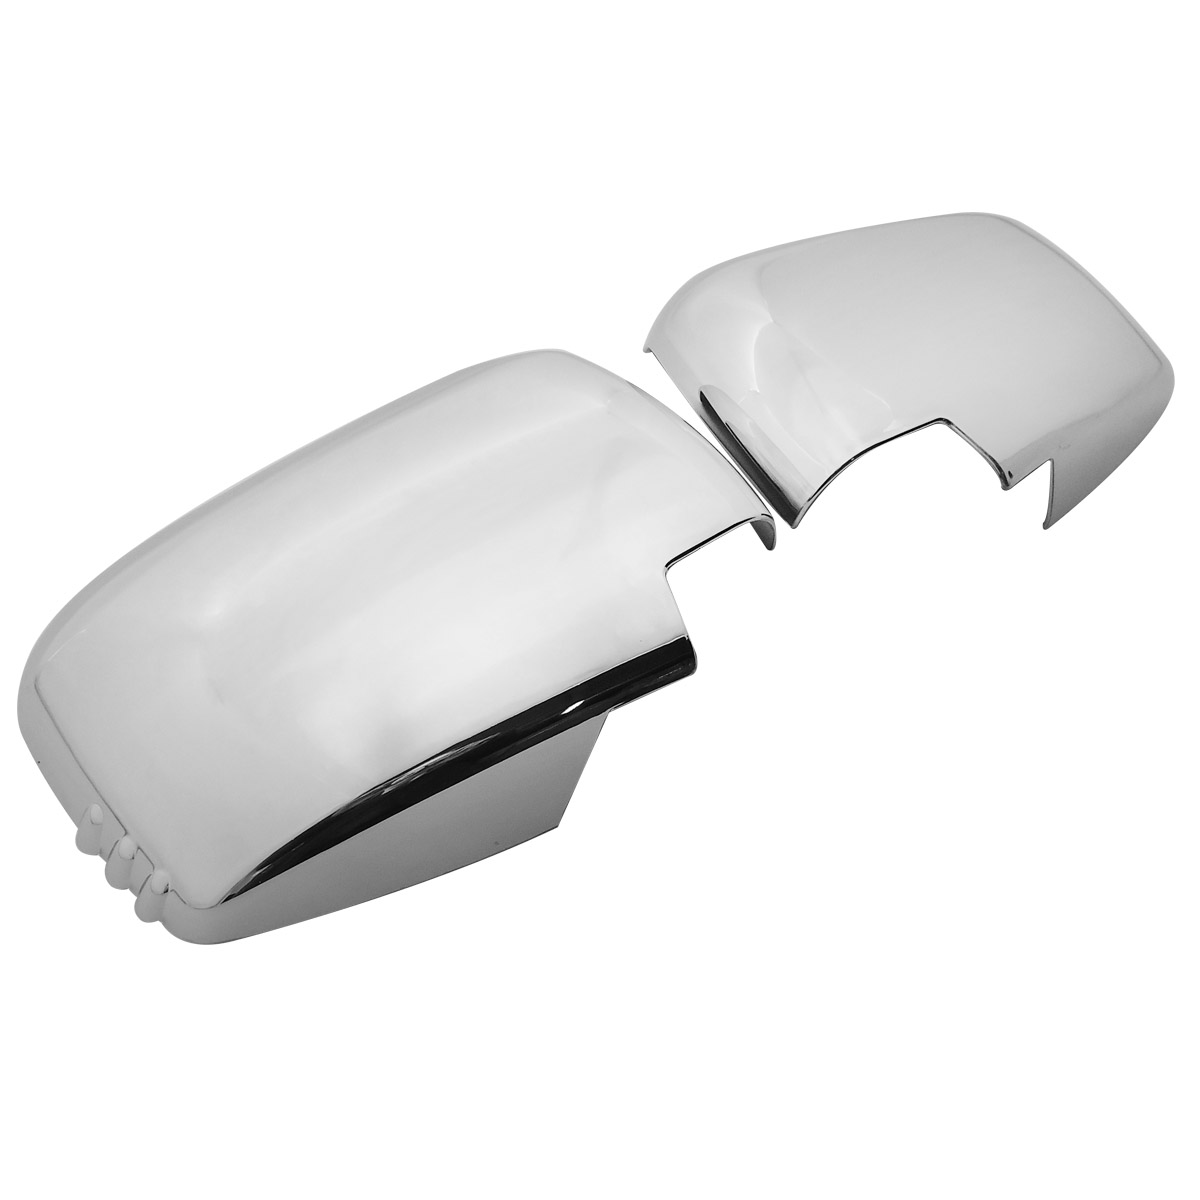 Capa de retrovisor cromada L200 Triton 2008 a 2017